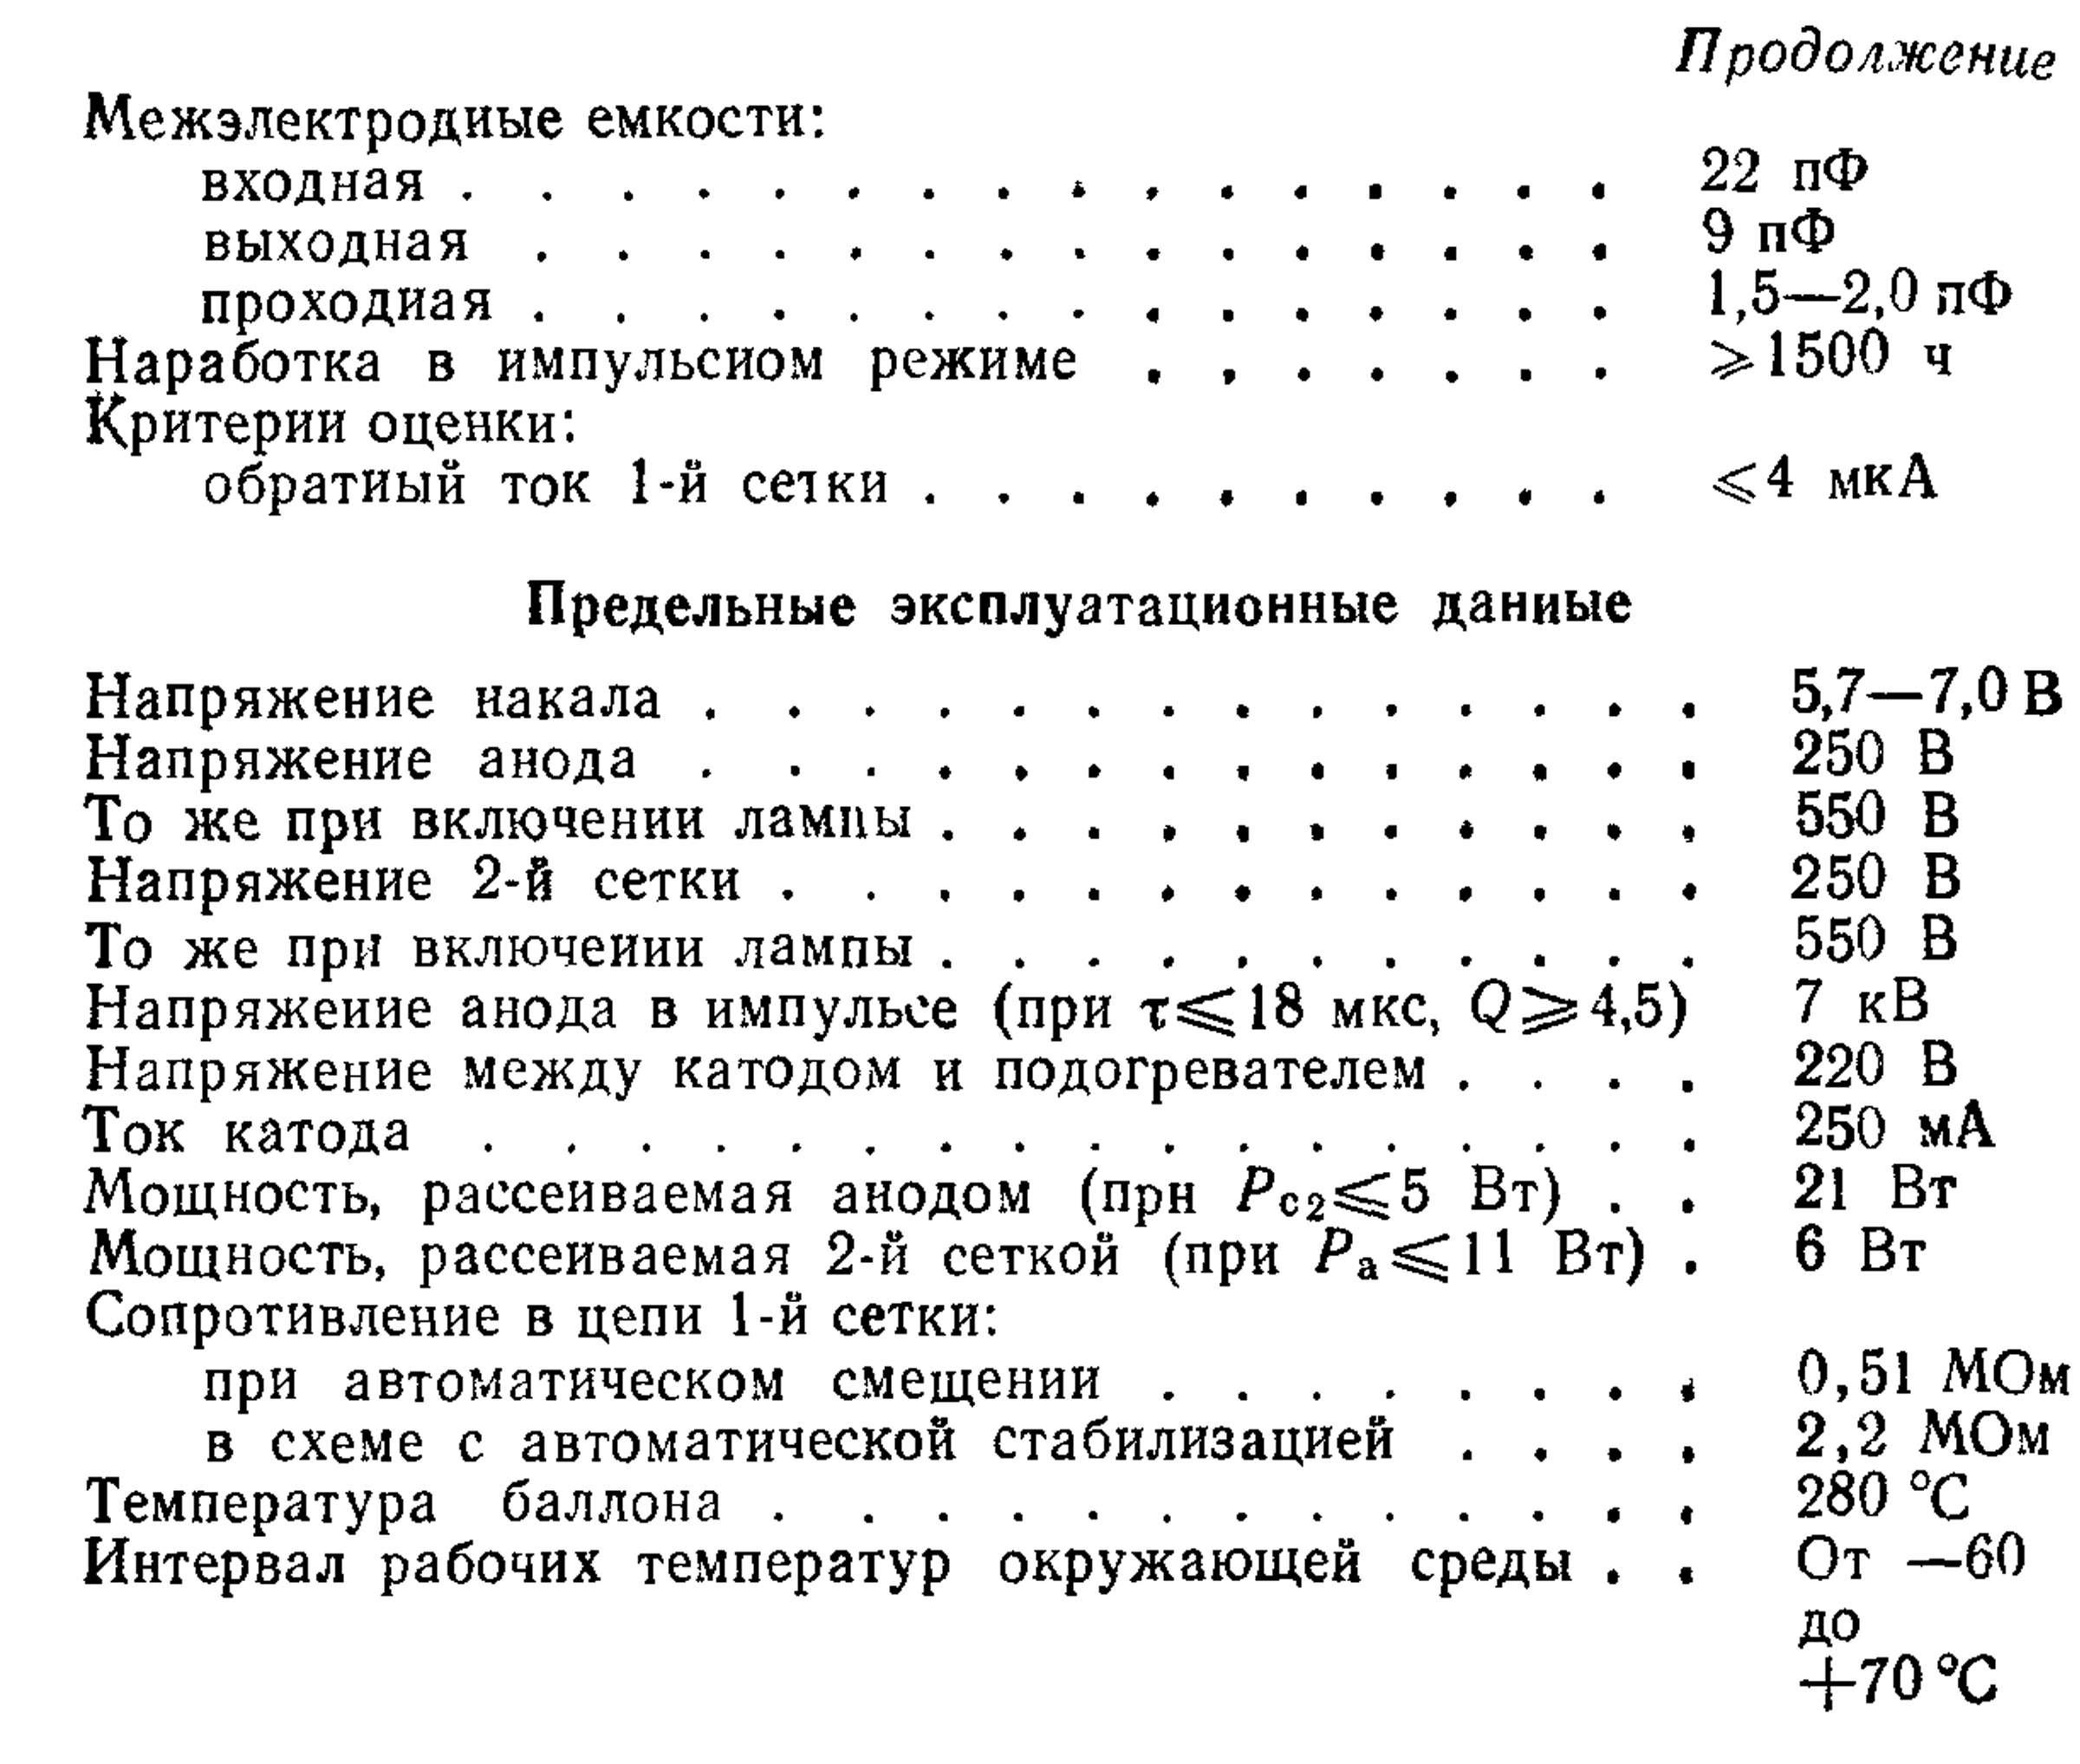 Параметры радиолампы 6П44С